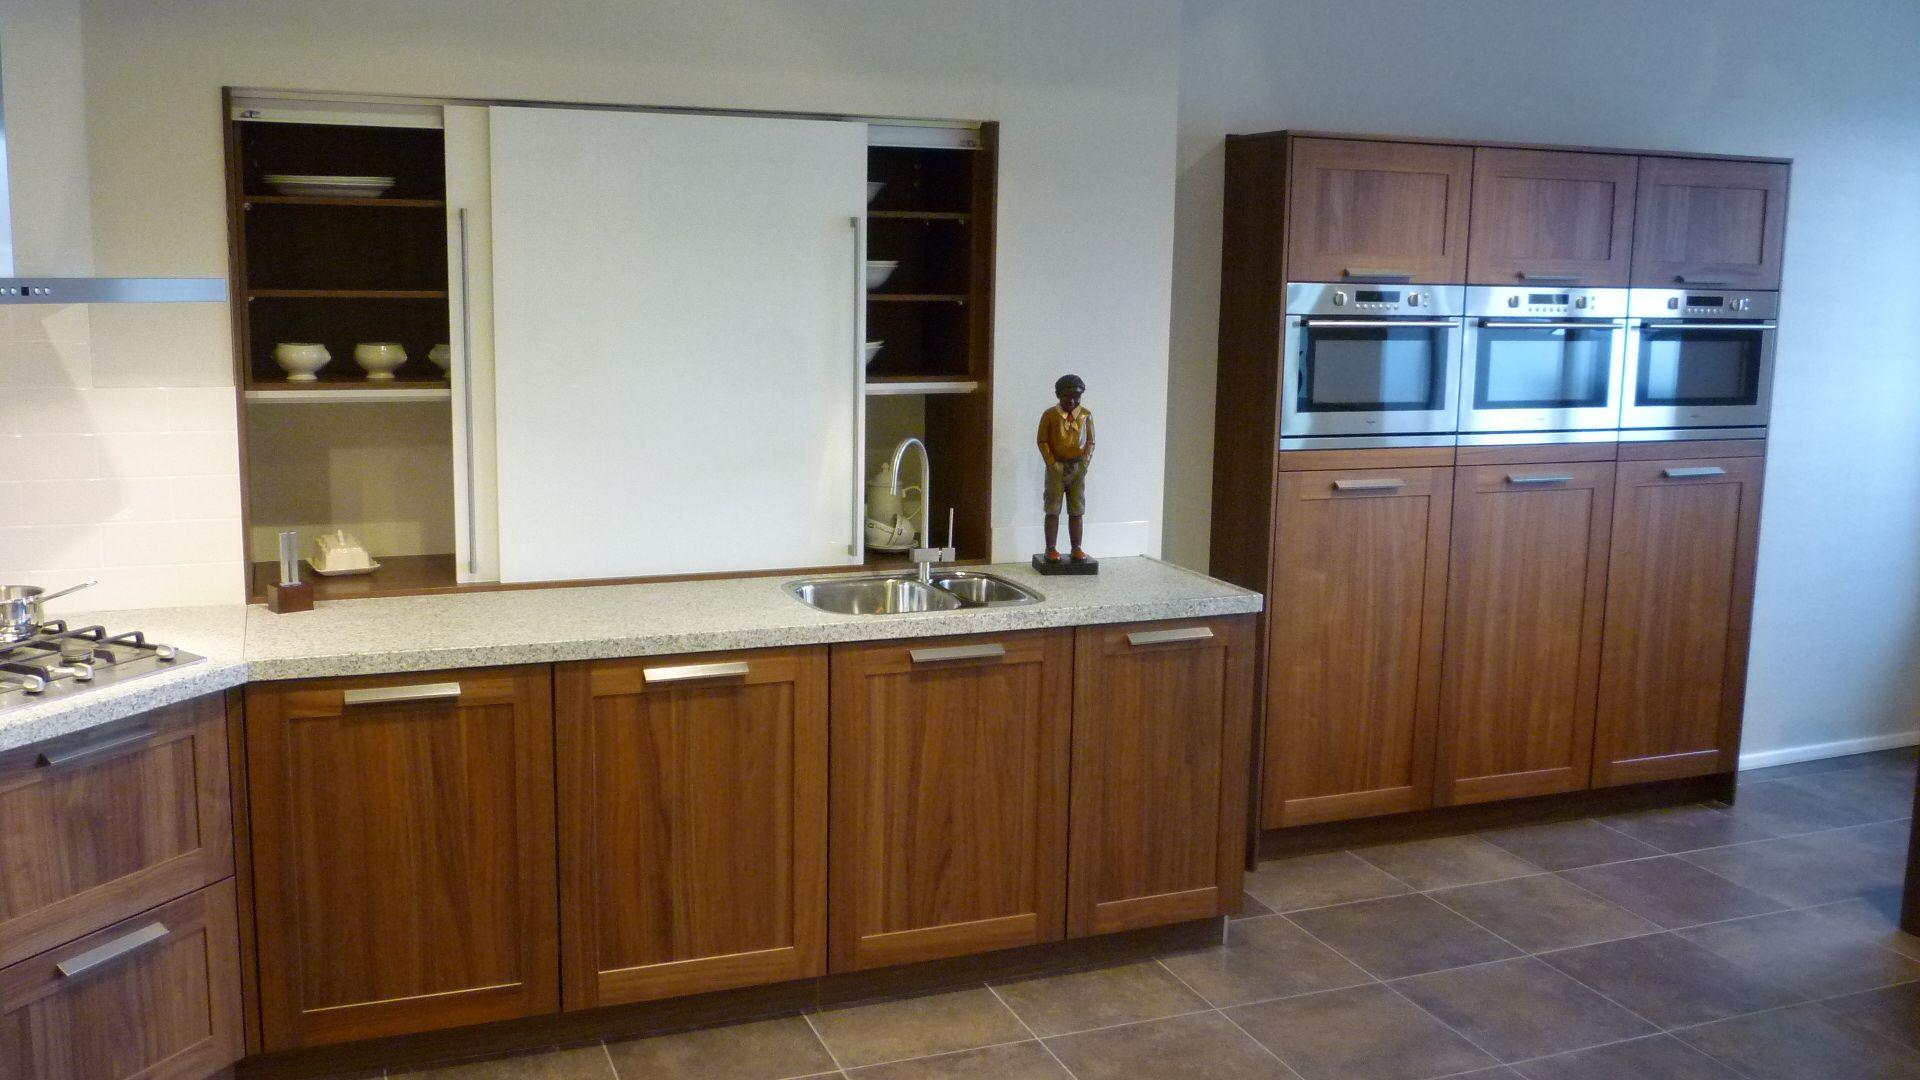 Noten hout keuken met granieten blad 49341 - Keuken met granieten werkblad ...